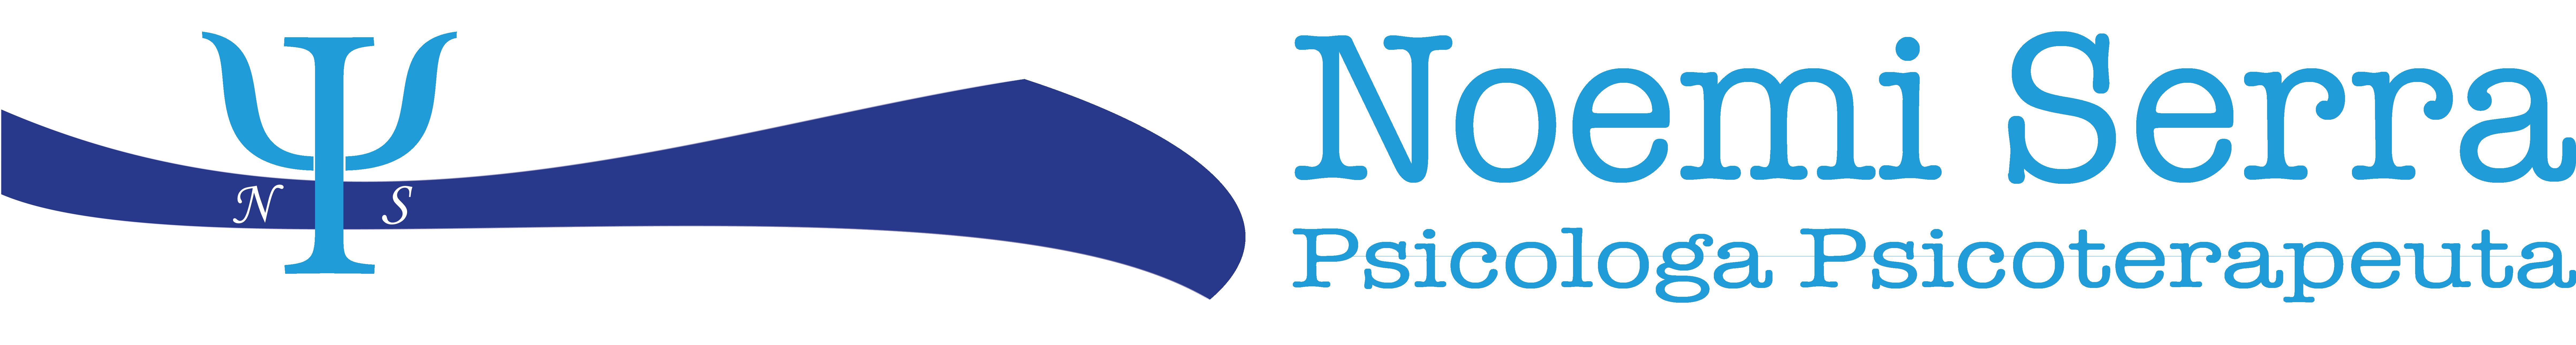 Noemi Serra | Psicologa Psicoterapeuta Oristano